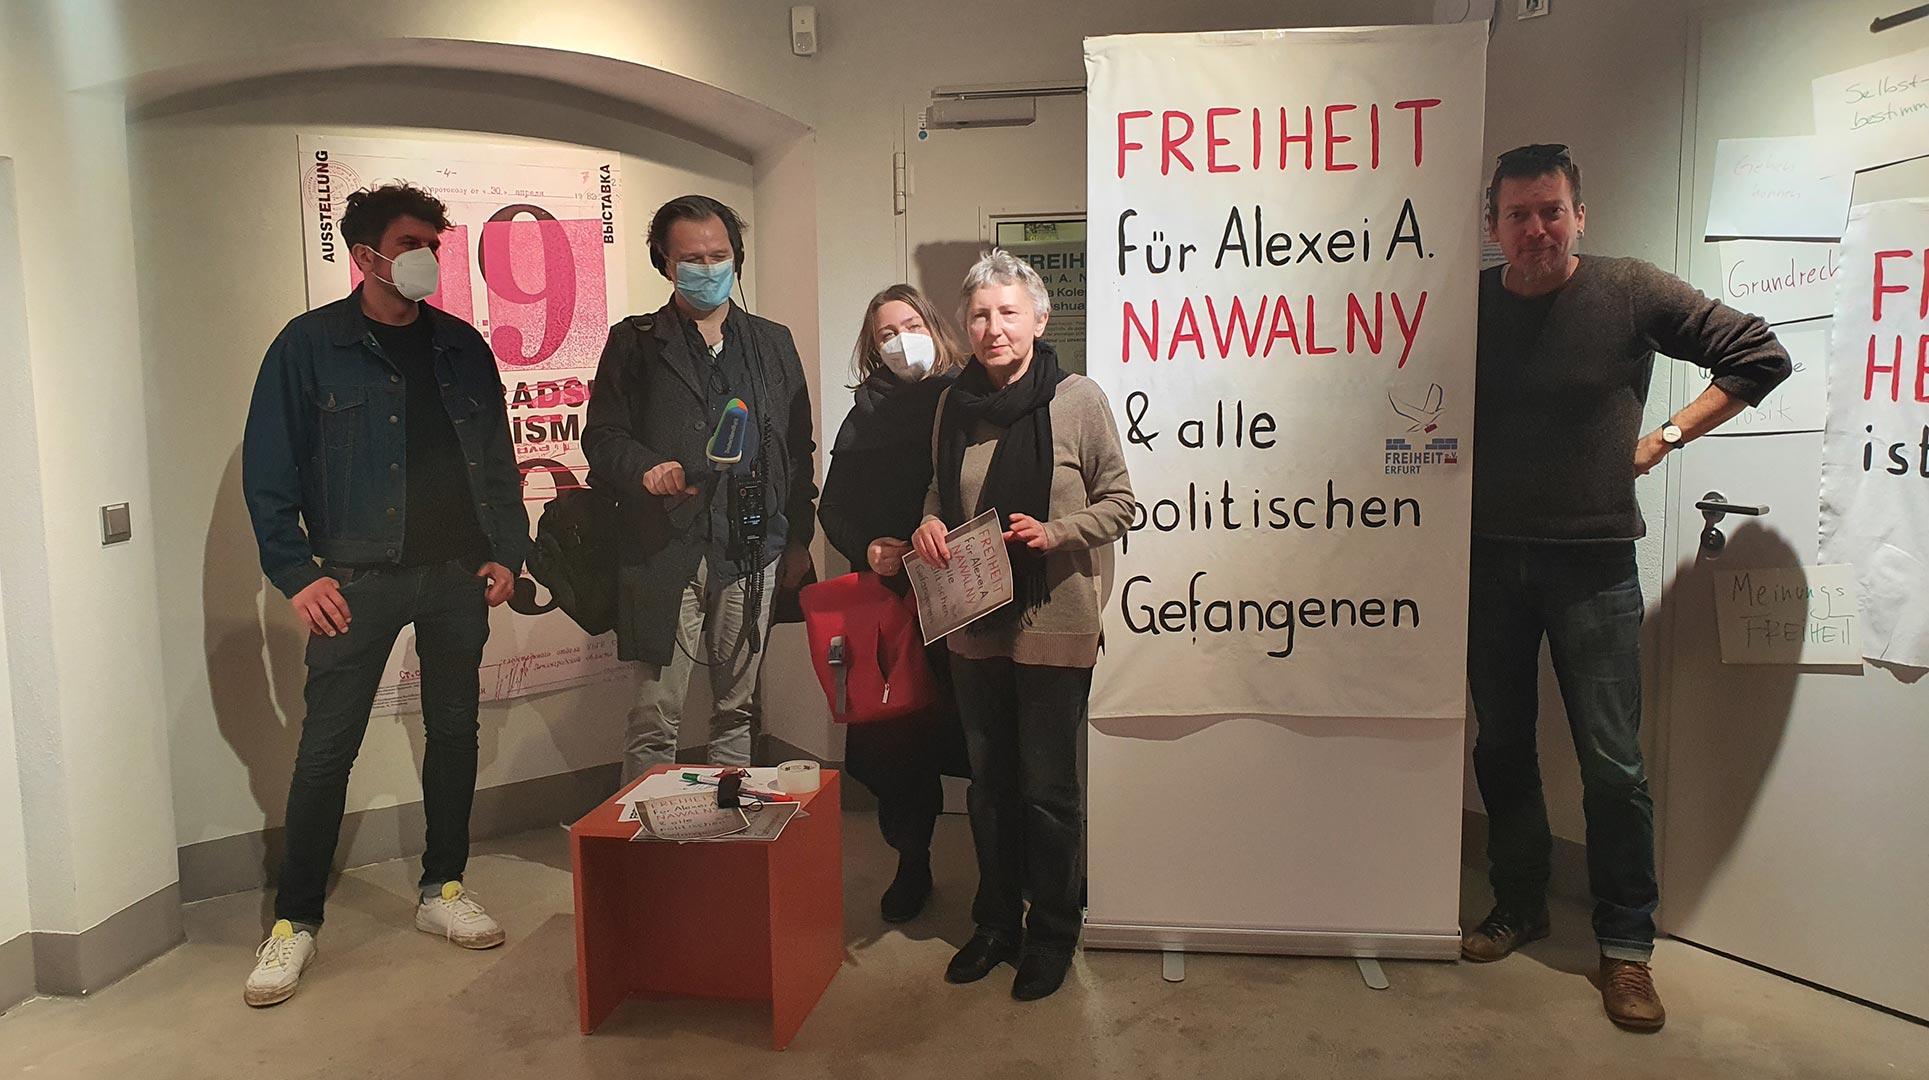 Spontane Aktion - Aktion Freiheit fuer Nanawalny.